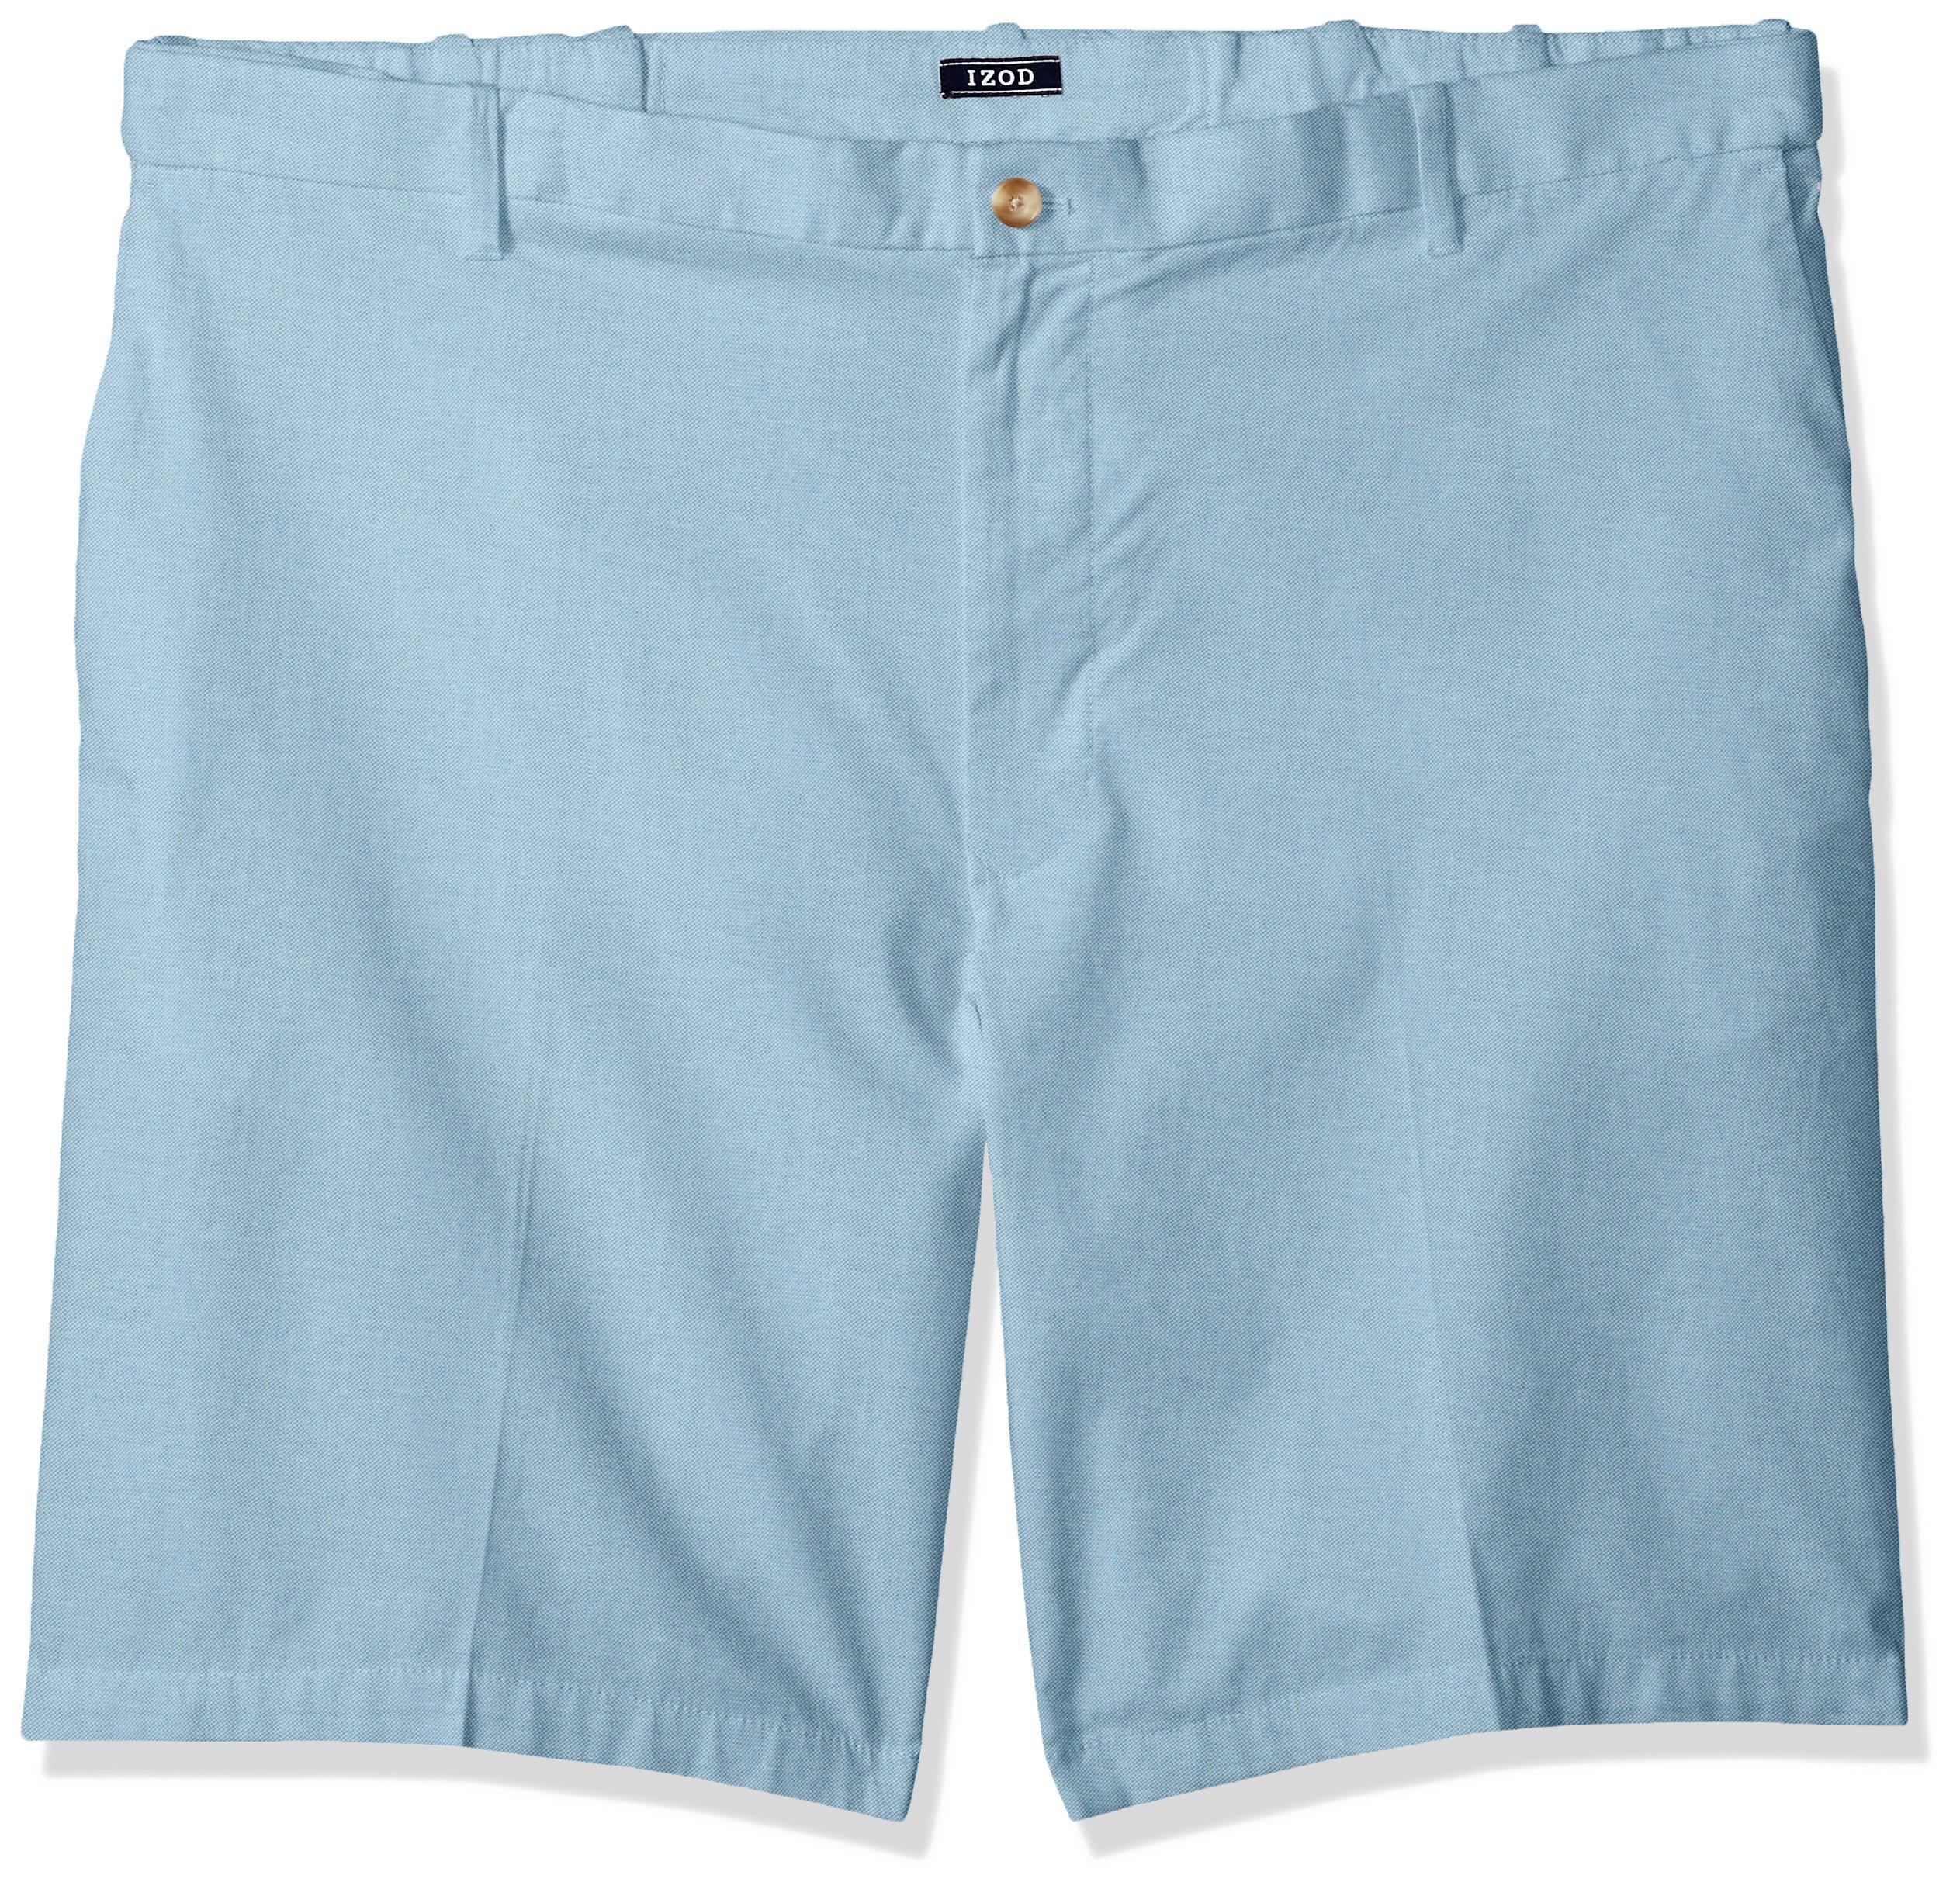 """Izod Saltwater Big /& Tall Flat Front Shorts Light Blue Size 44x10.5/"""""""